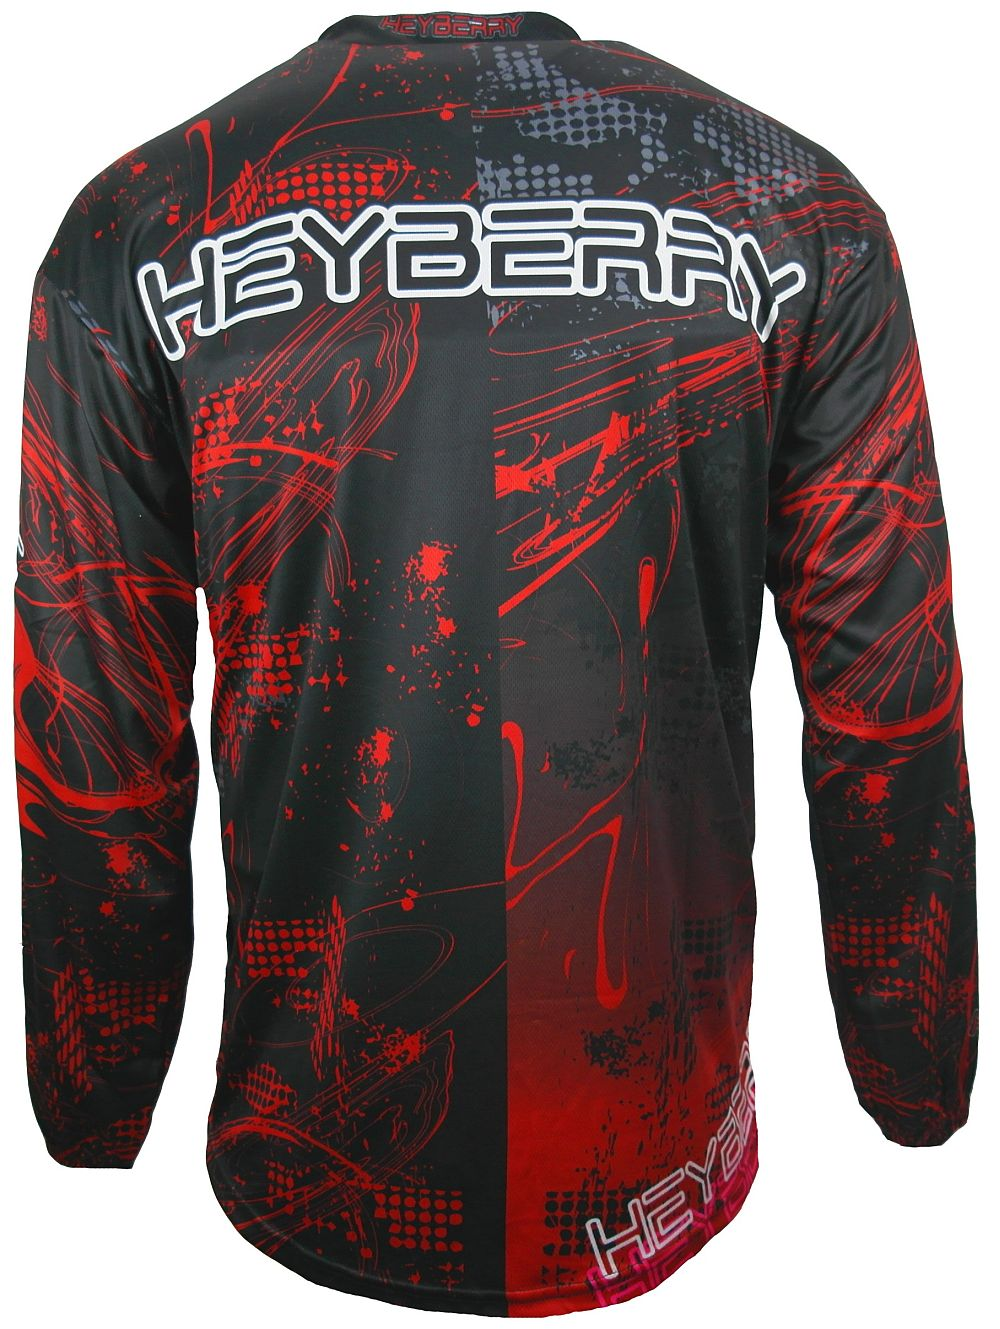 Heyberry Motocross MX Shirt Jersey Trikot schwarz rot Gr. M - XXL